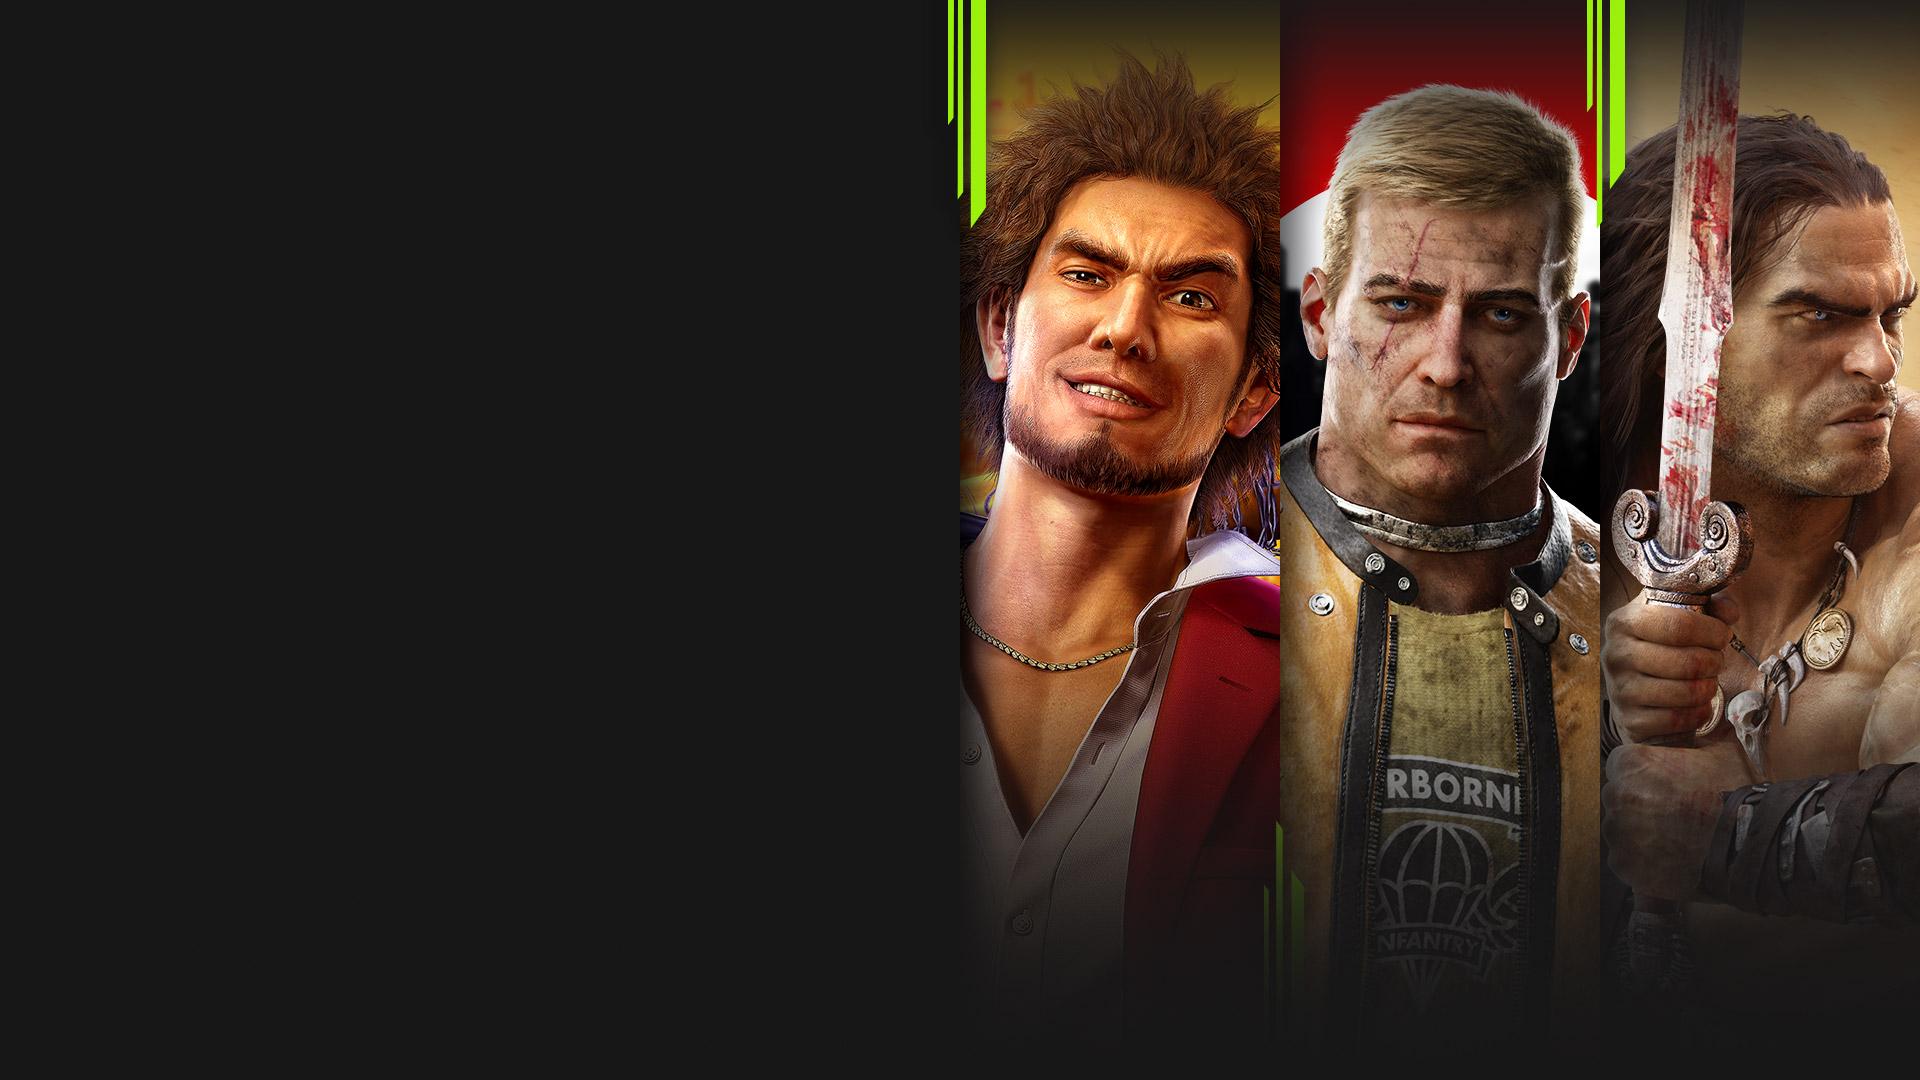 Imagen de varios juegos ahora disponibles con Xbox Game Pass, incluidos Yakuza: Like a Dragon, Wolfenstein II: The New Colossus, Fallout 3 y Conan Exiles.